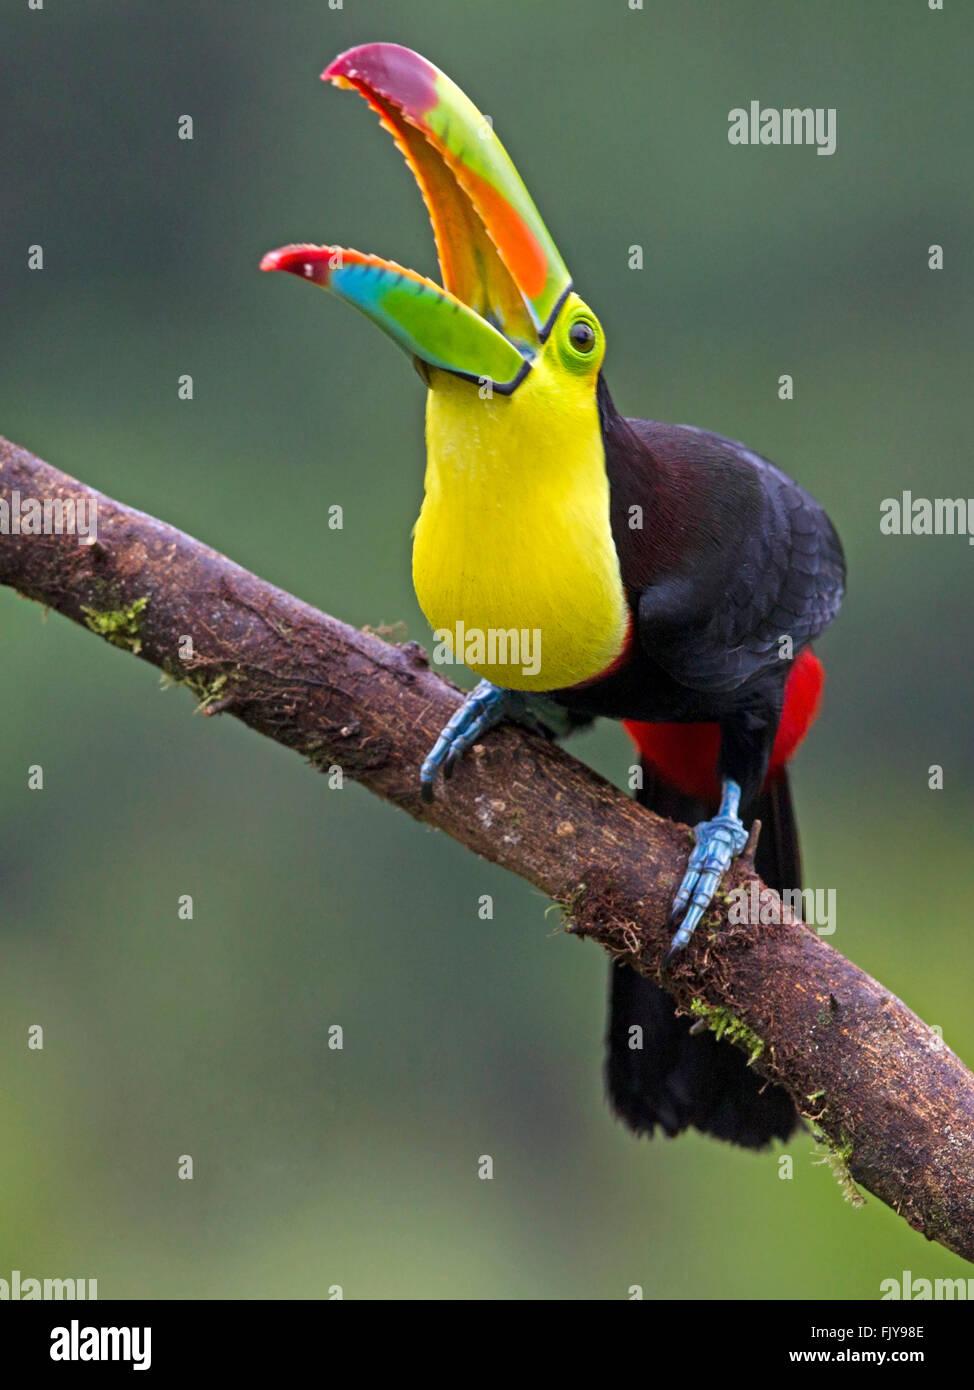 Keel-billed toucan perched on branch, beak open Stock ...